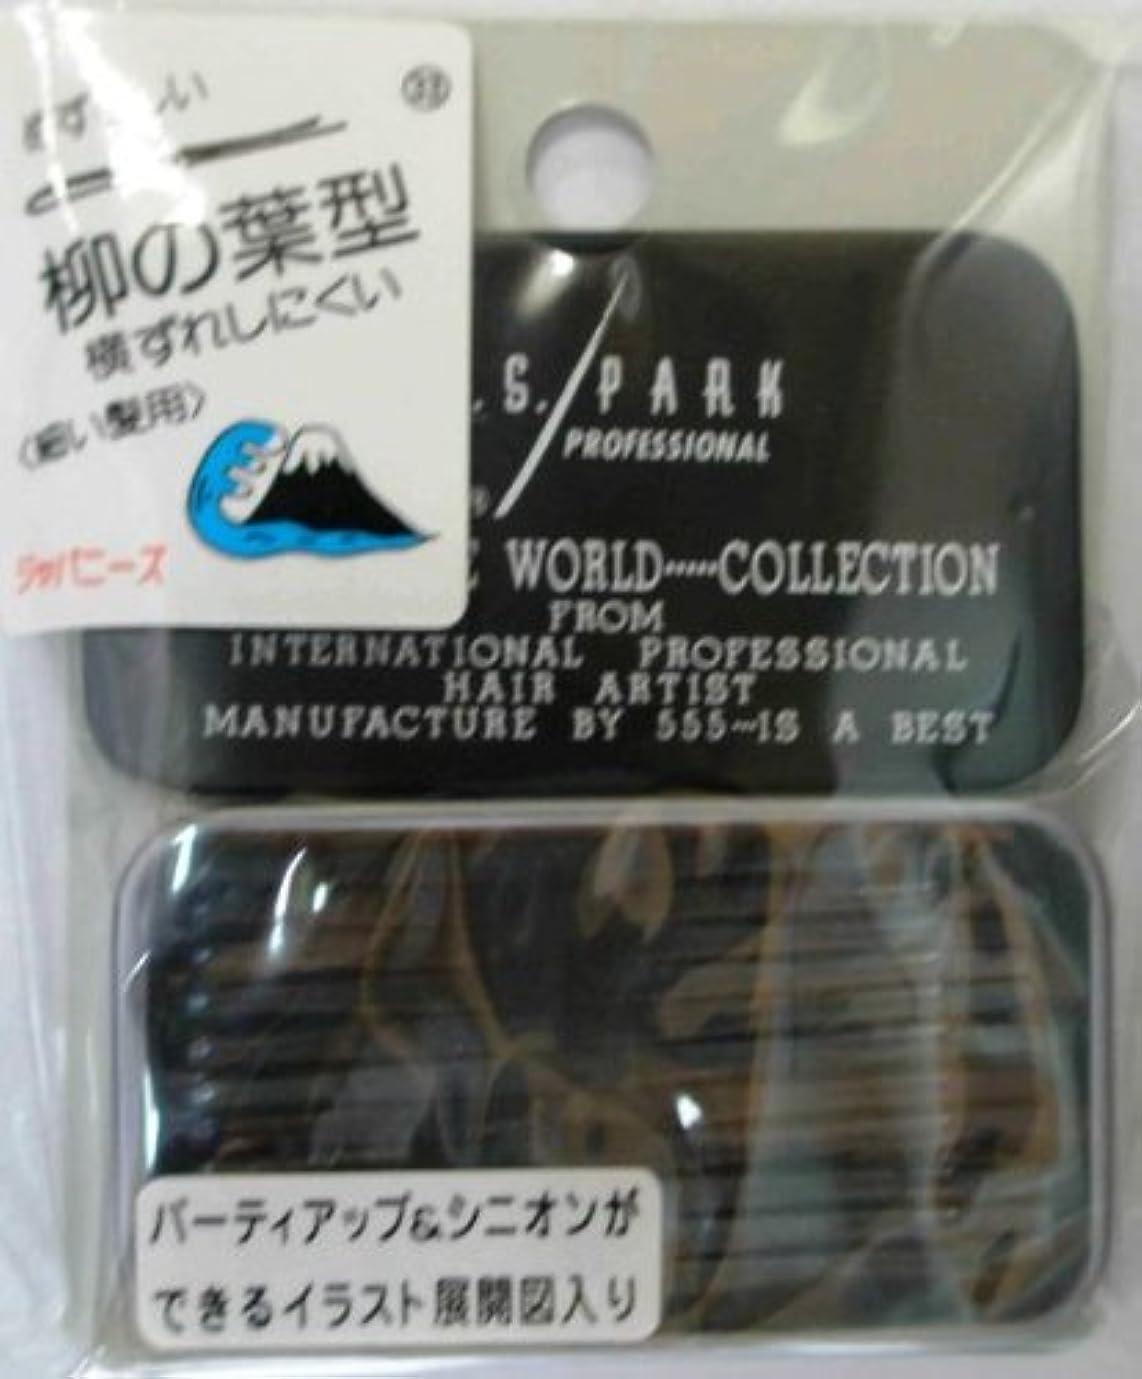 道路を作るプロセスアクティビティマークダウンY.S.PARK世界のヘアピンコレクションNo.33(細い髪用)ジャパニーズ32P